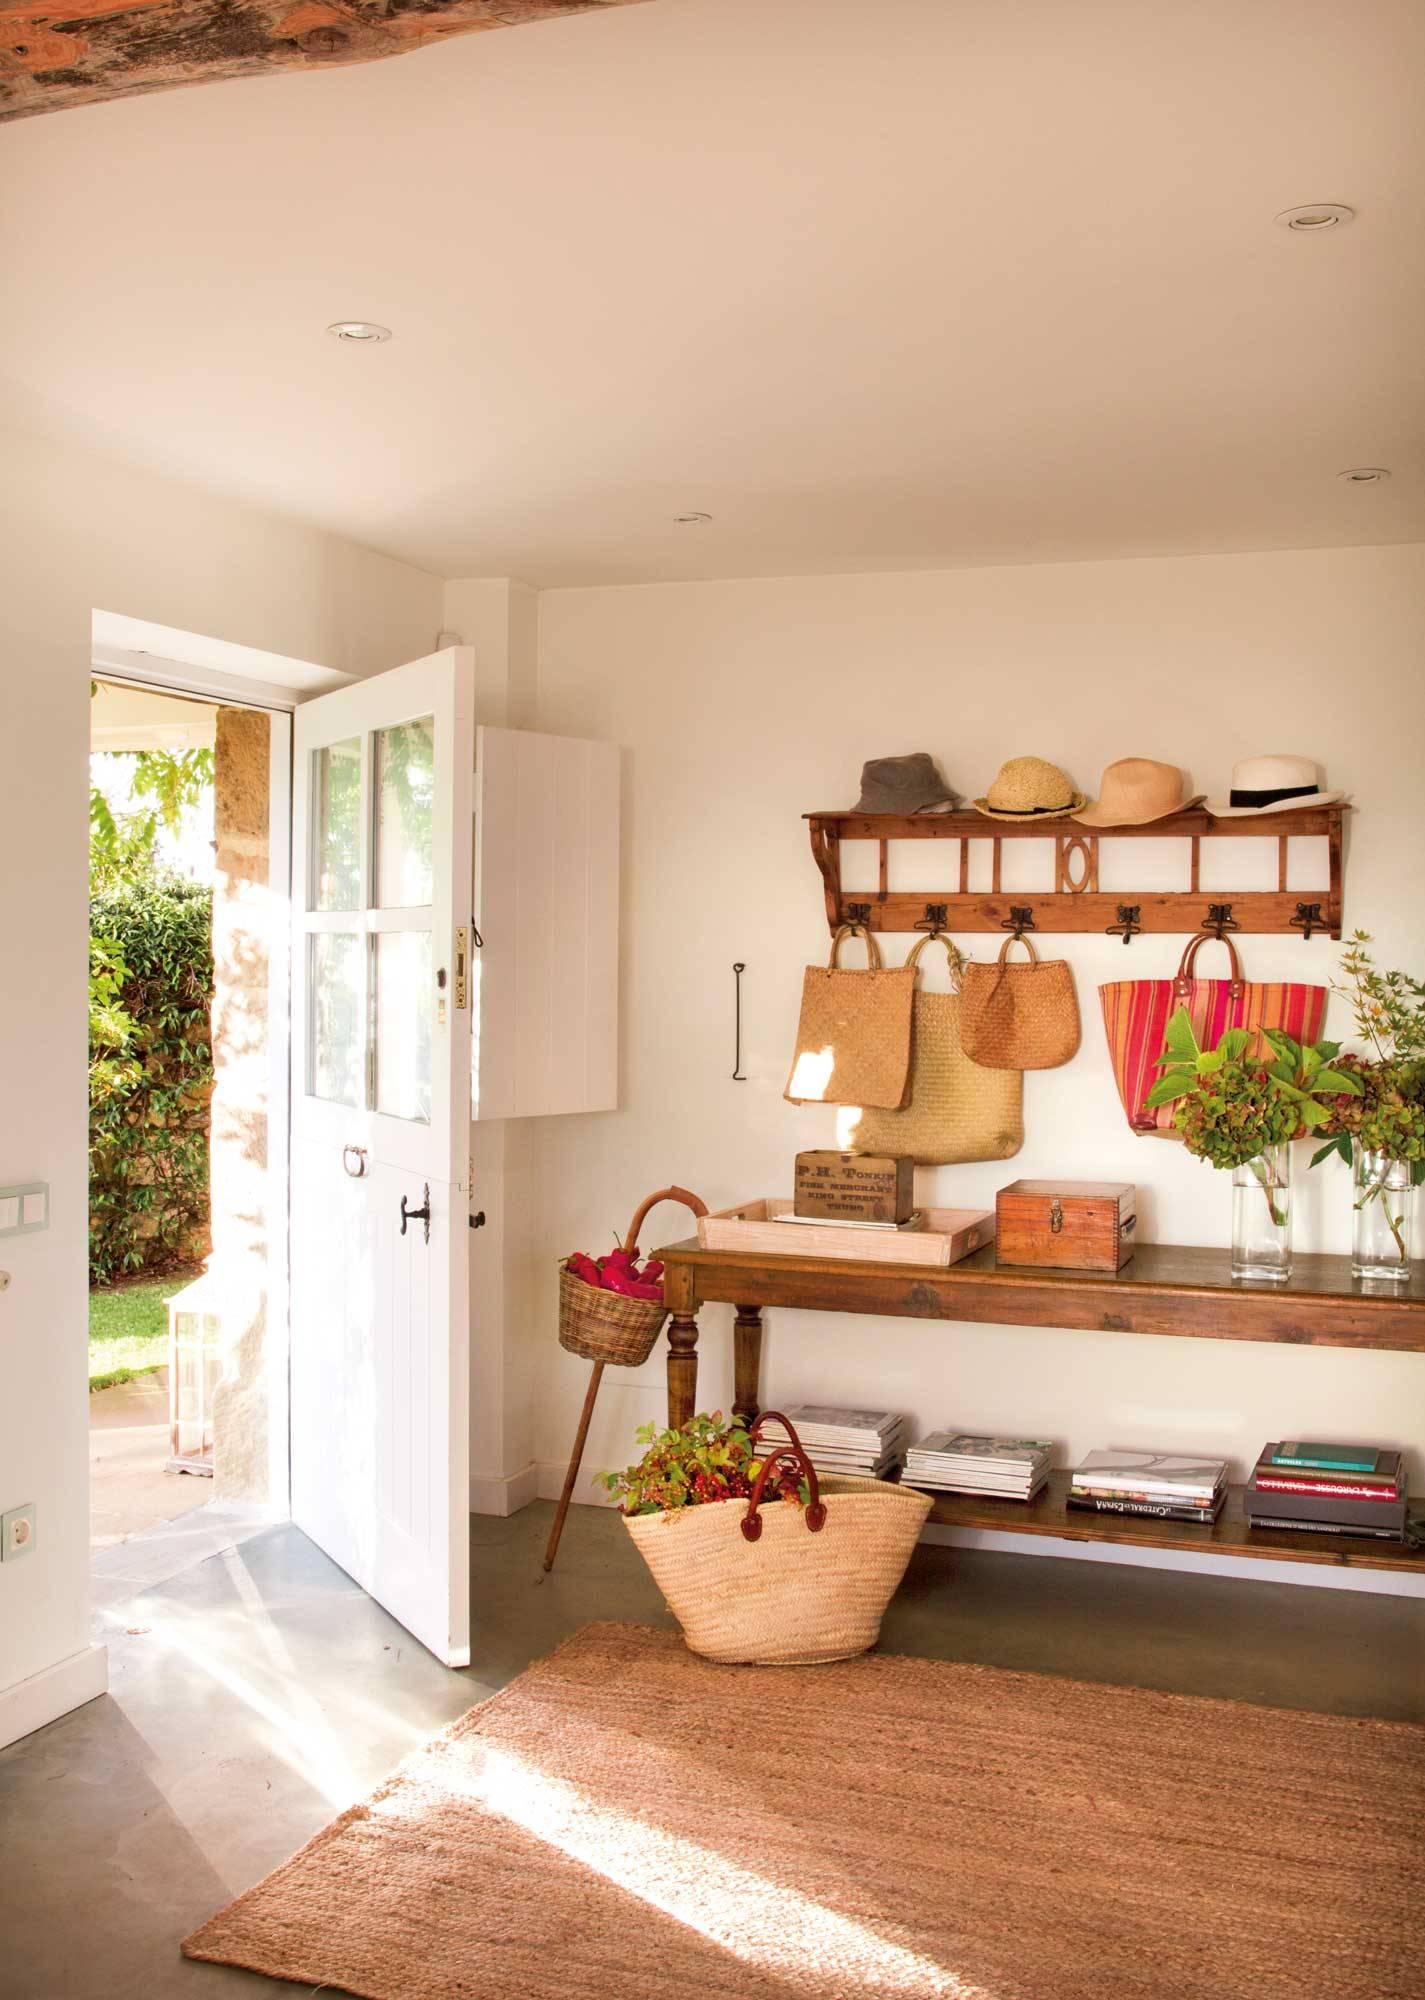 382 fotos de consolas - Como decorar una casa rural ...